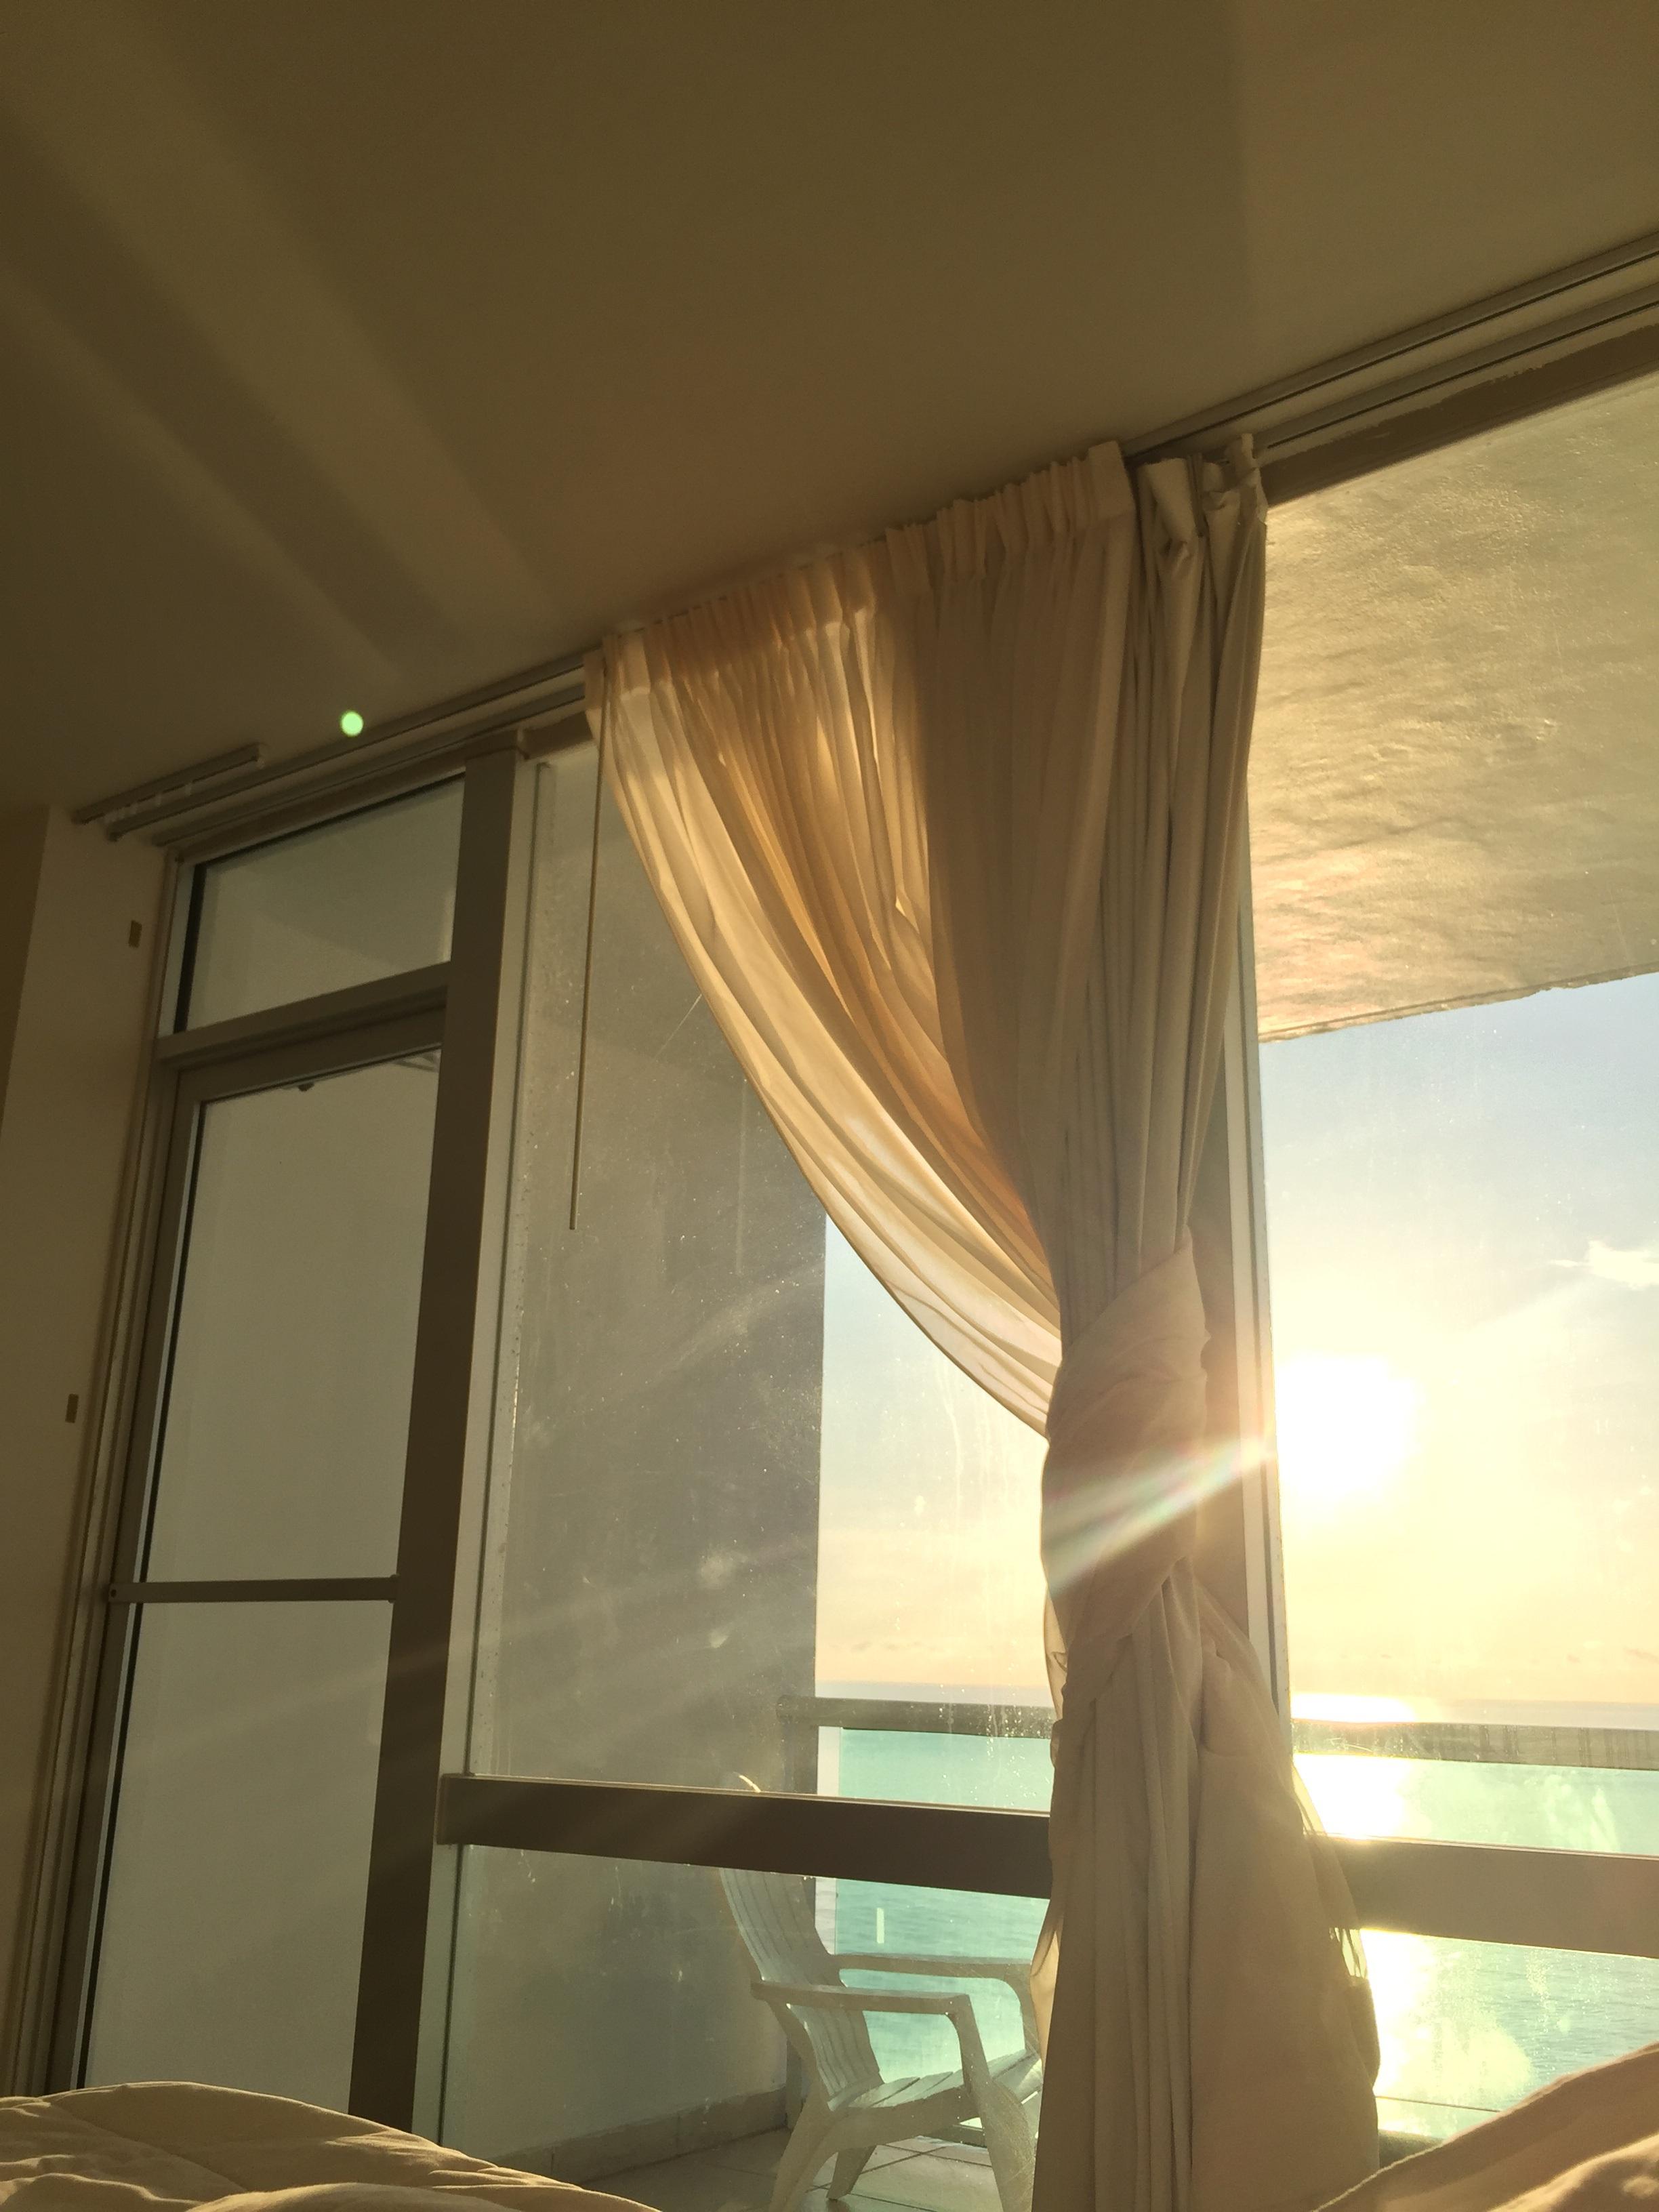 Kostenlose foto : Wasser, Ozean, Licht, die Architektur ...